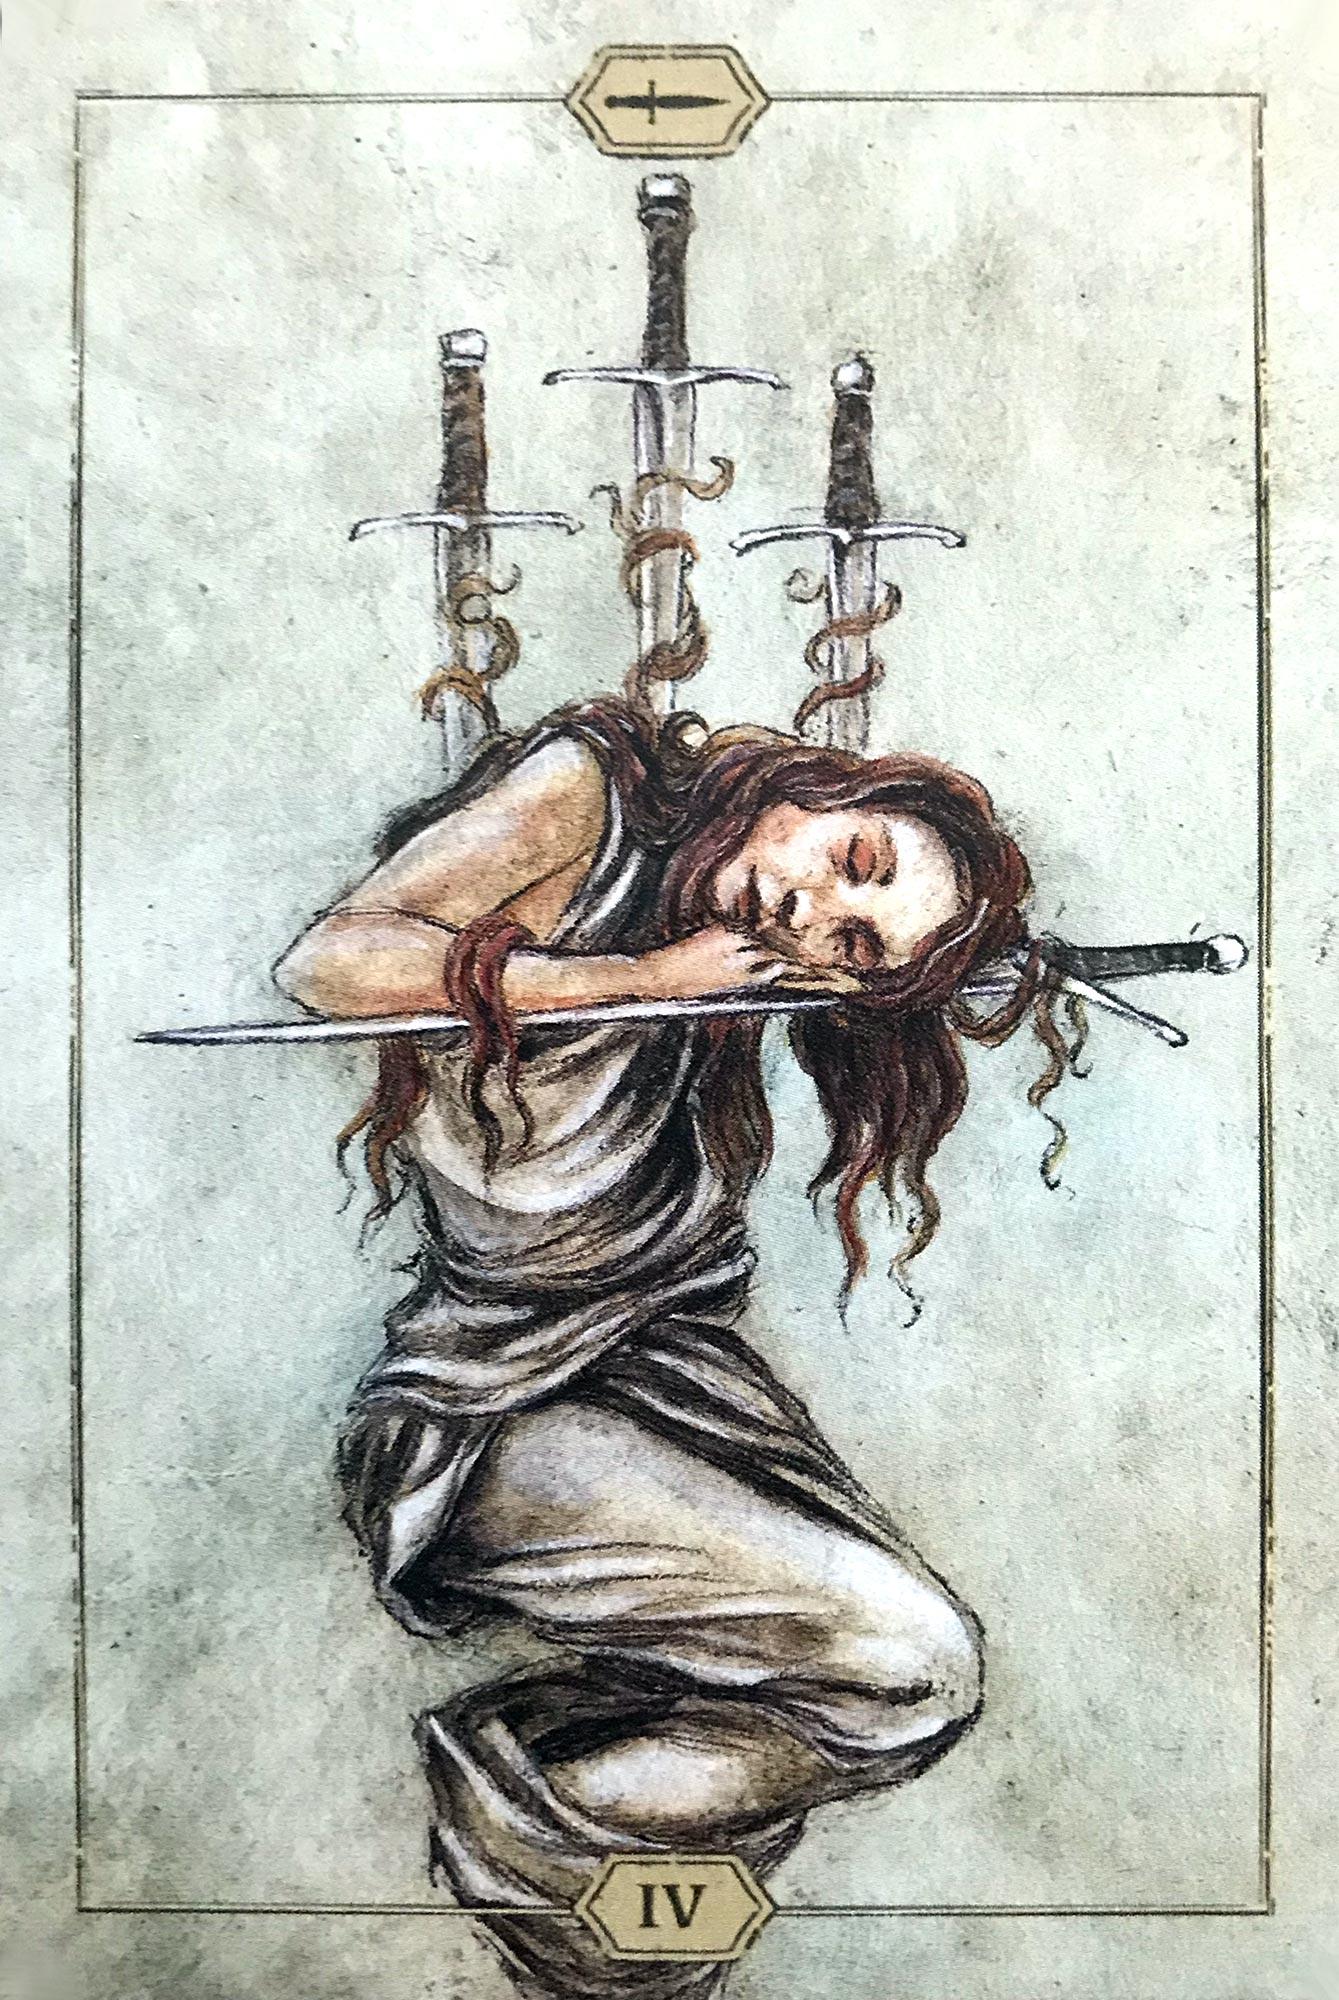 Hush Tarot - Four of Swords